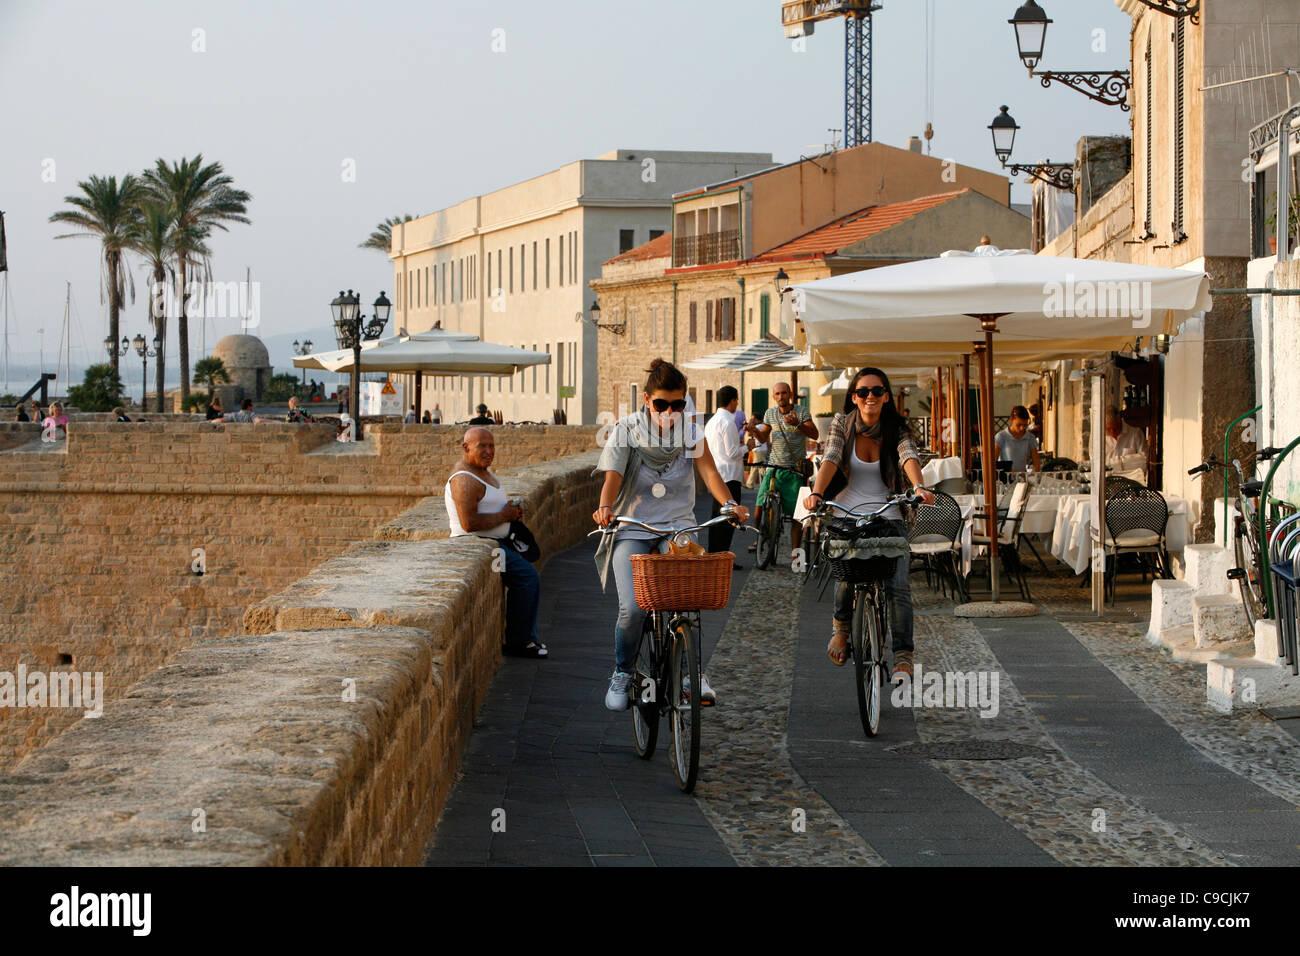 The promenade along the city walls, Alghero, Sardinia, Italy. - Stock Image